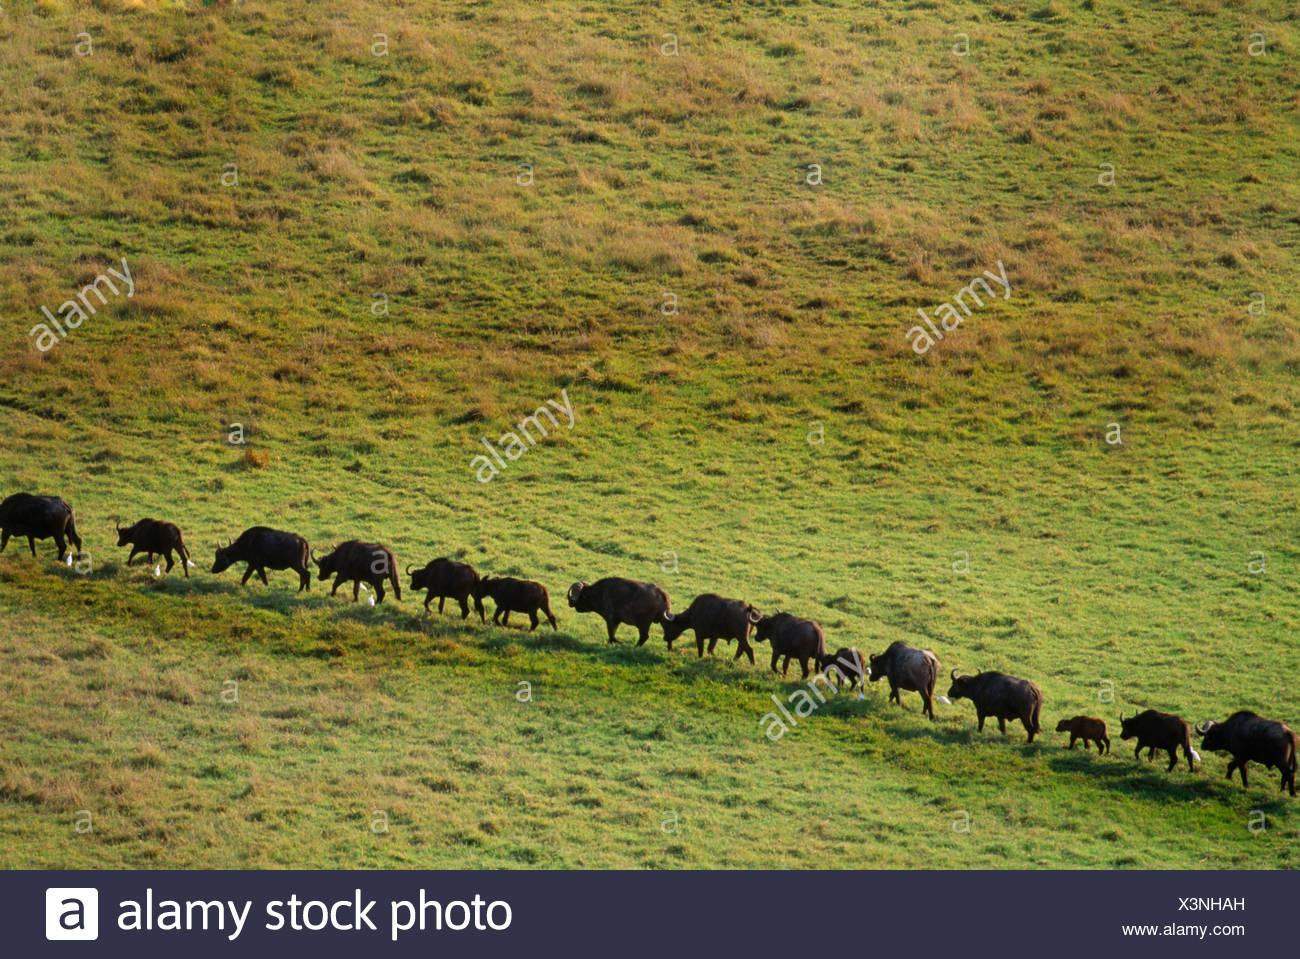 El búfalo africano viven en sabanas y bosques de África central y meridional. Imagen De Stock